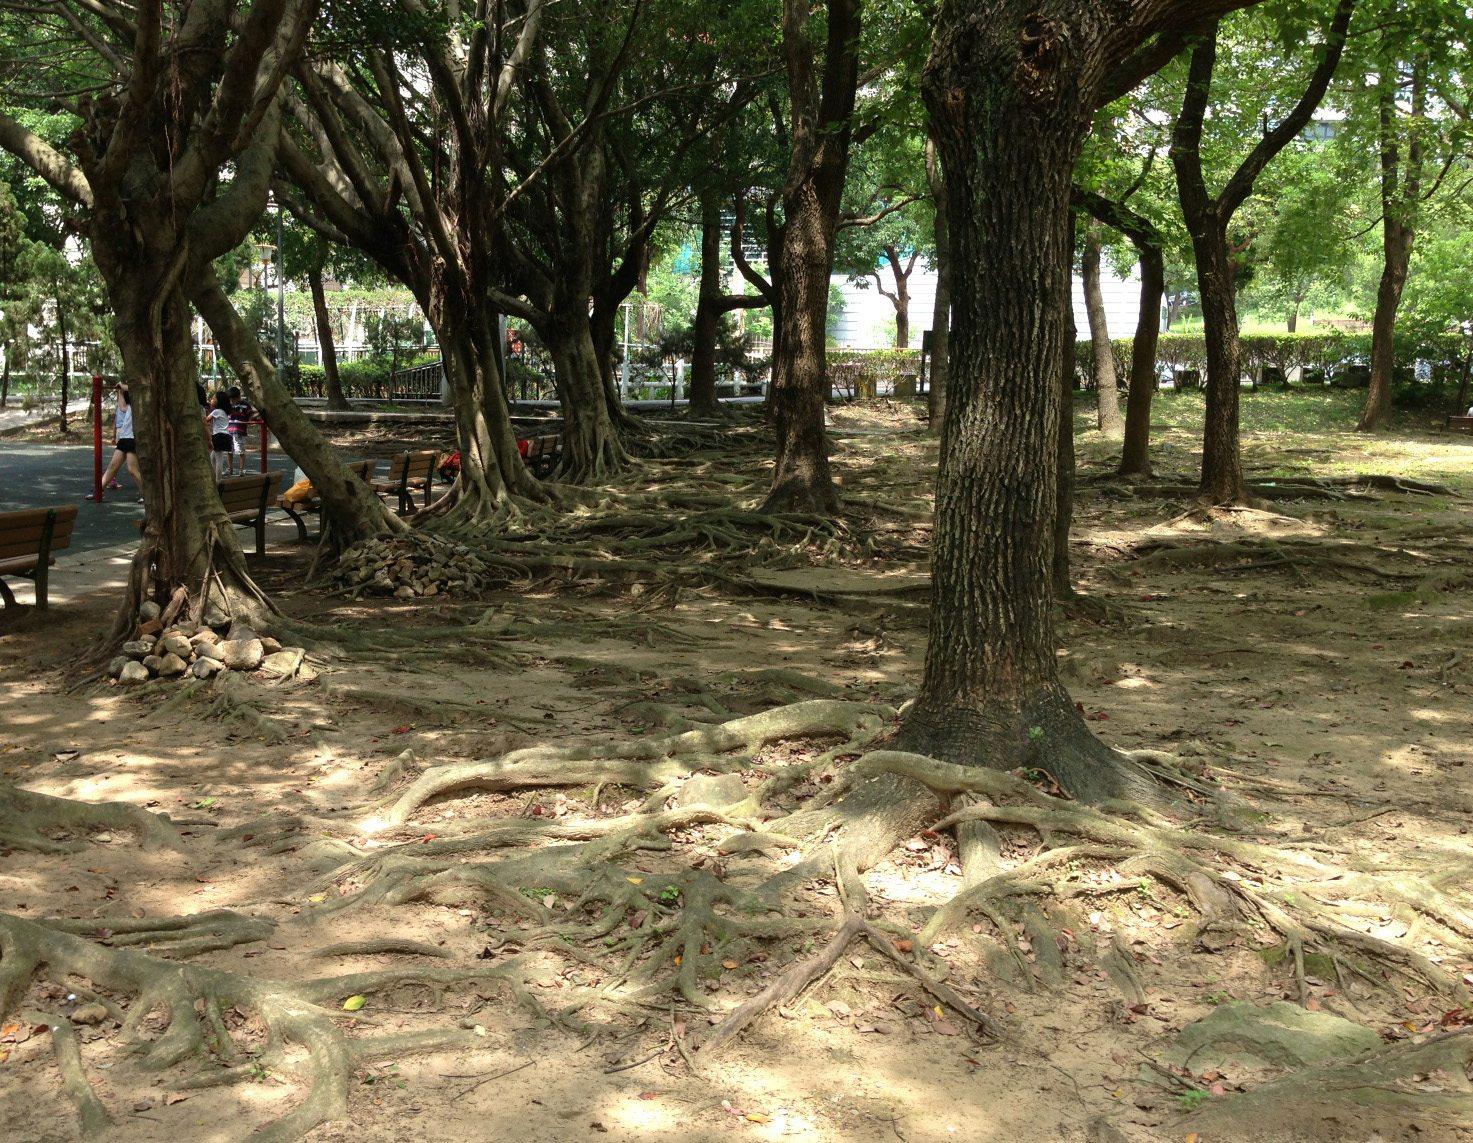 我們的公園 Park I 臺灣公園現況15